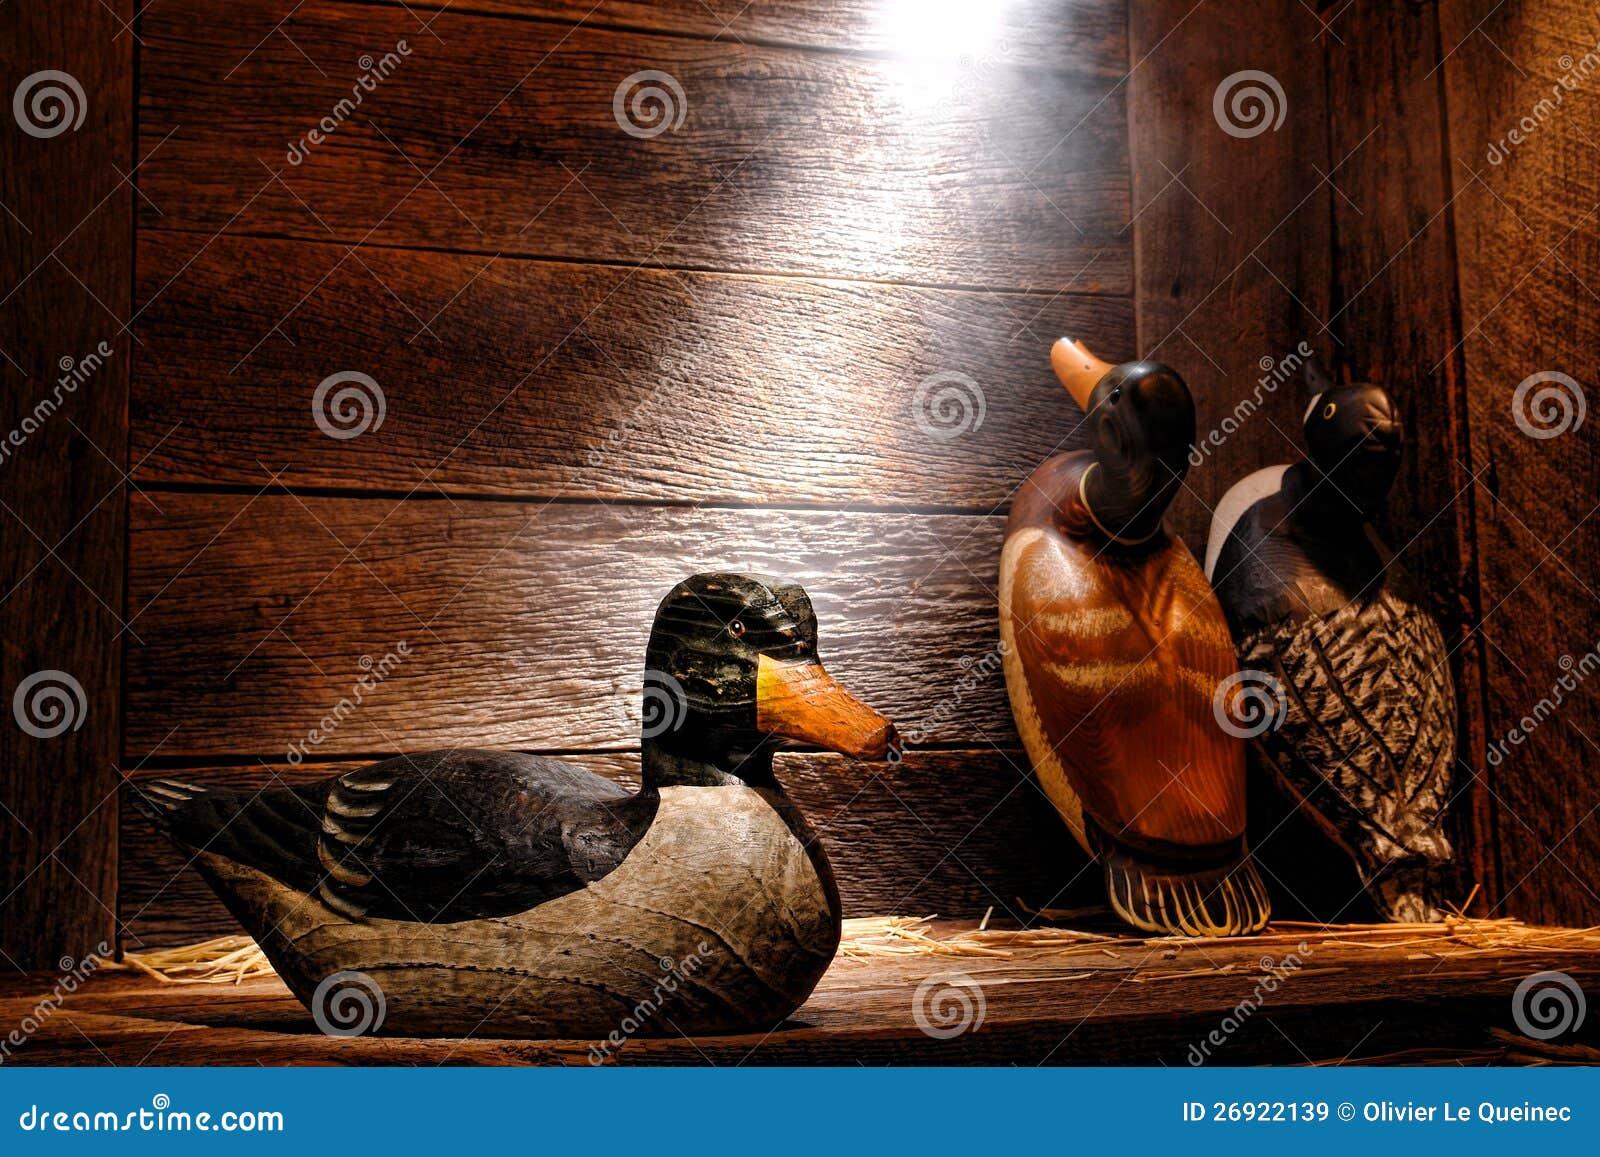 Leurre découpé par antiquité de canard en bois dans la vieille grange de chasse